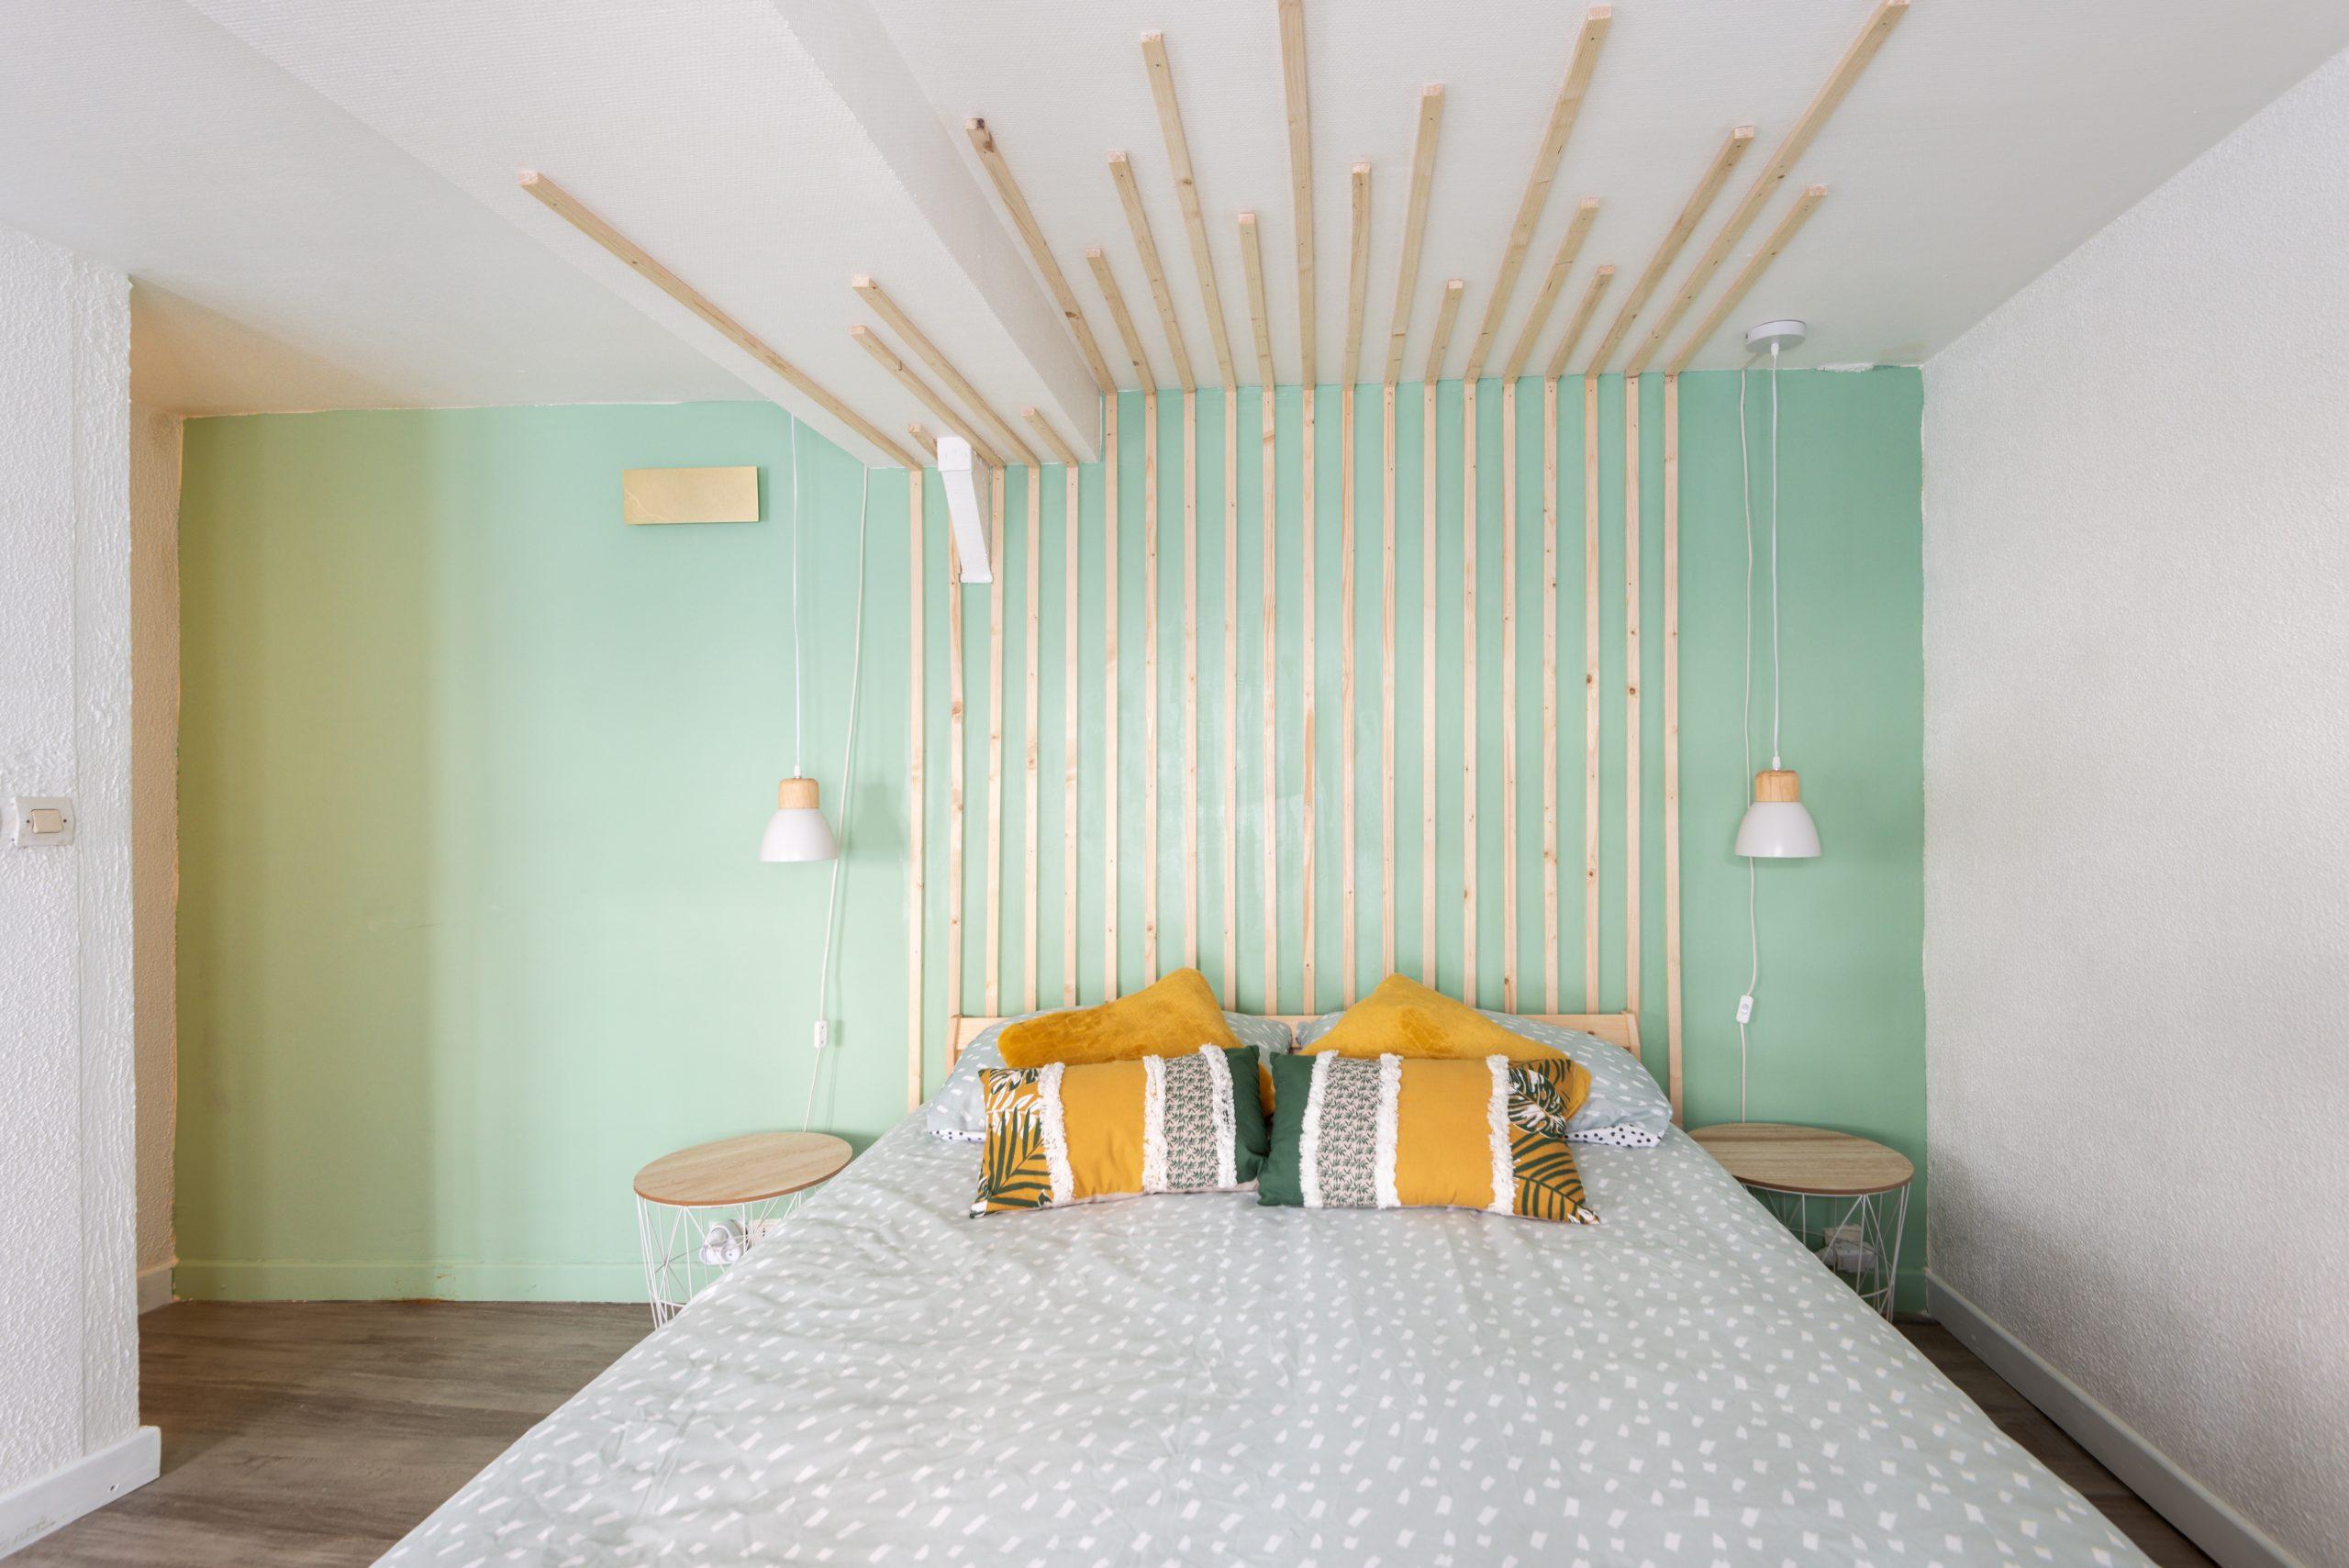 Lit, chambre - Elahé Déco - Lille, Hauts de France